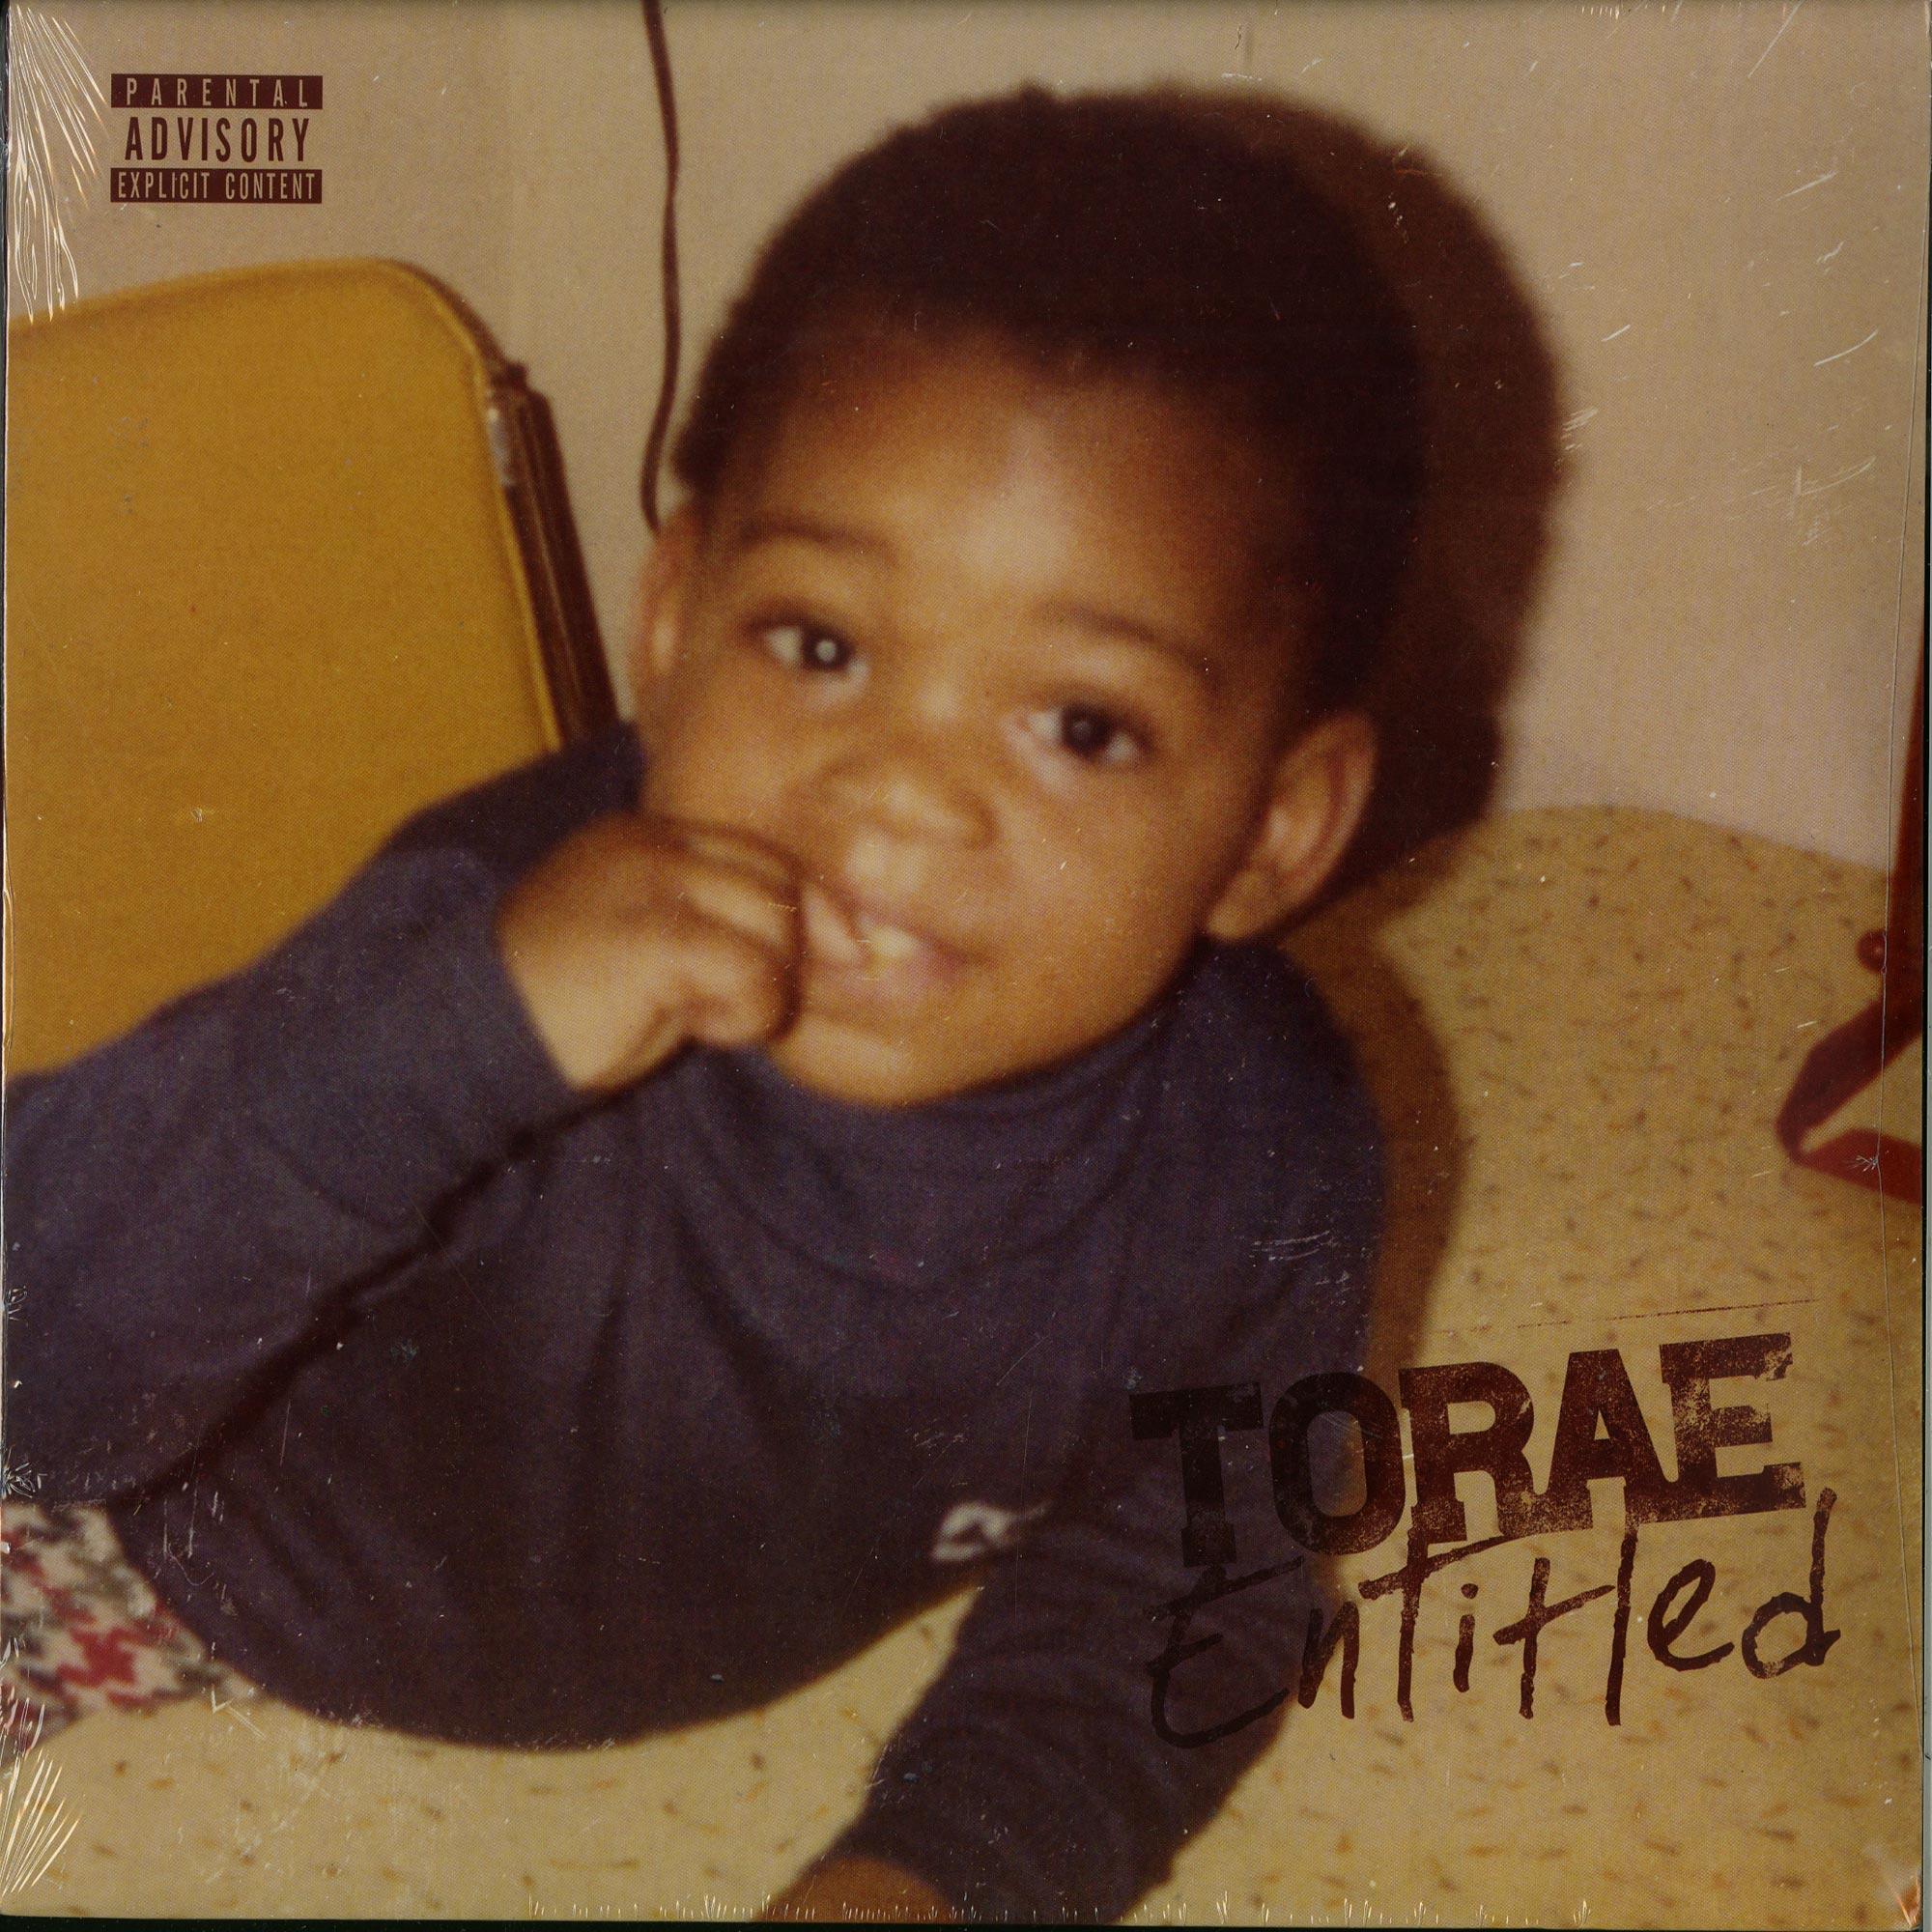 Torae - ENTILED